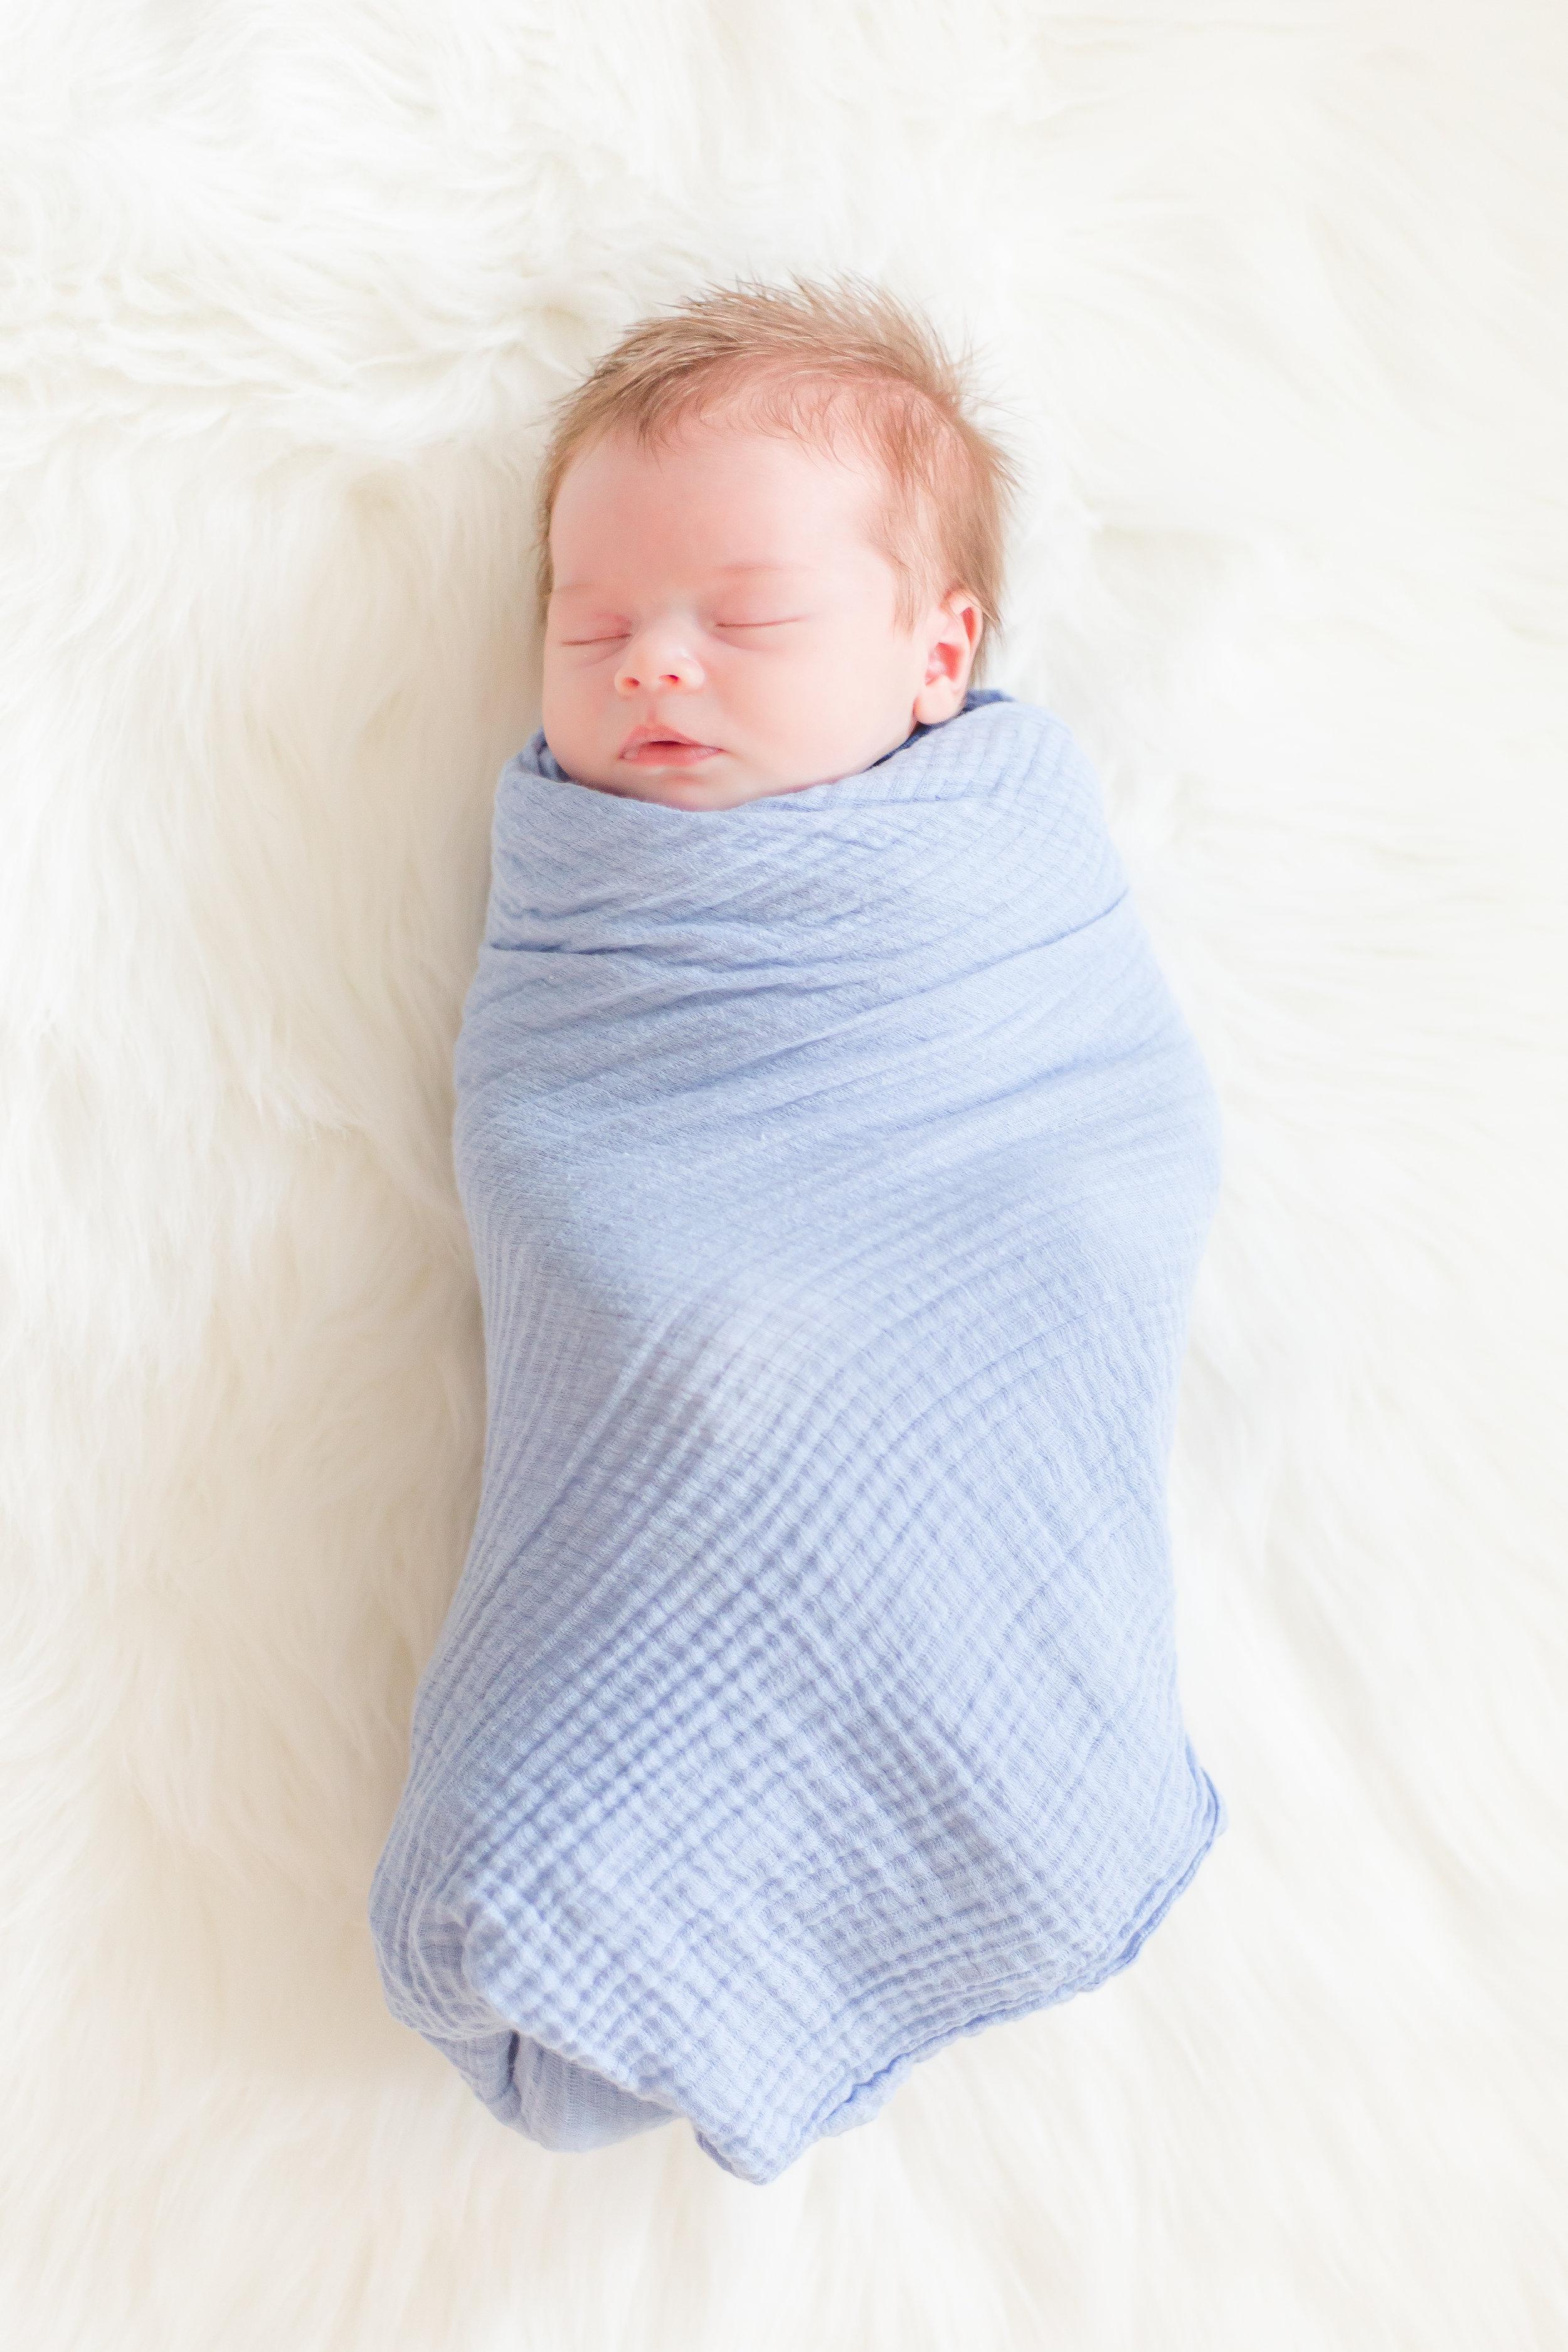 Wheaton Newborn-0572.jpg